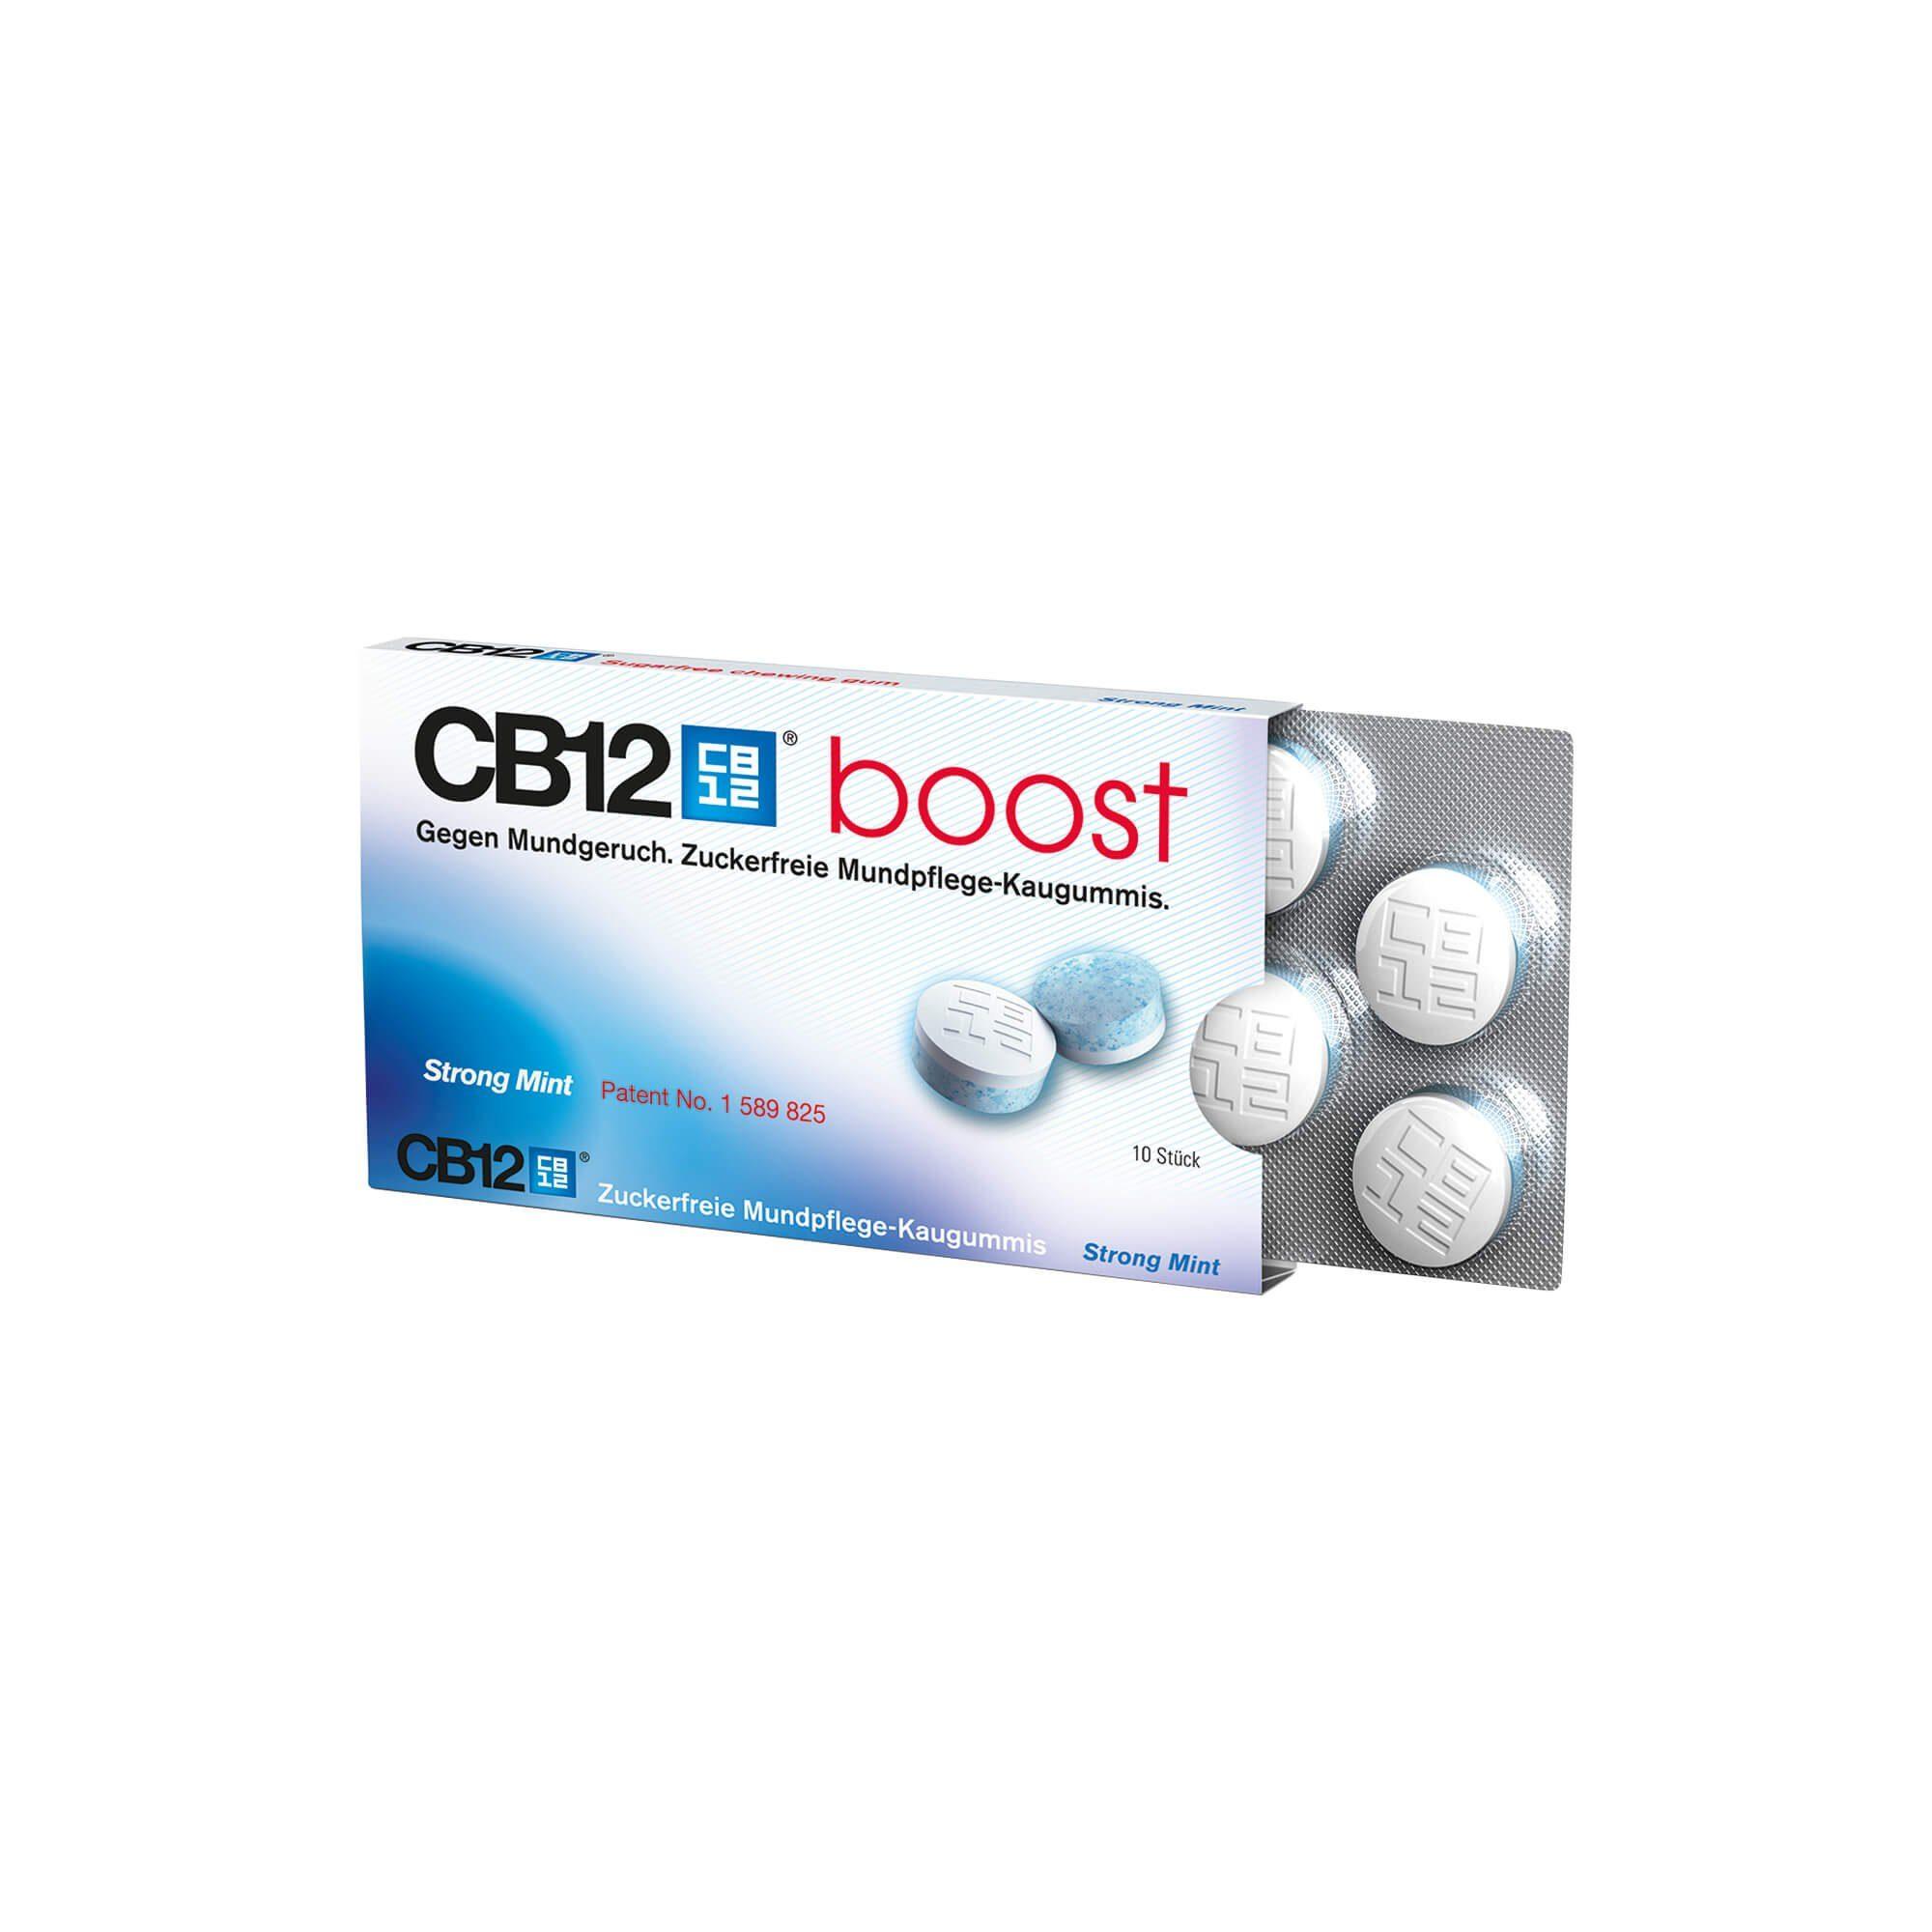 CB12 CB12 Boost Kaugummi , 10 St